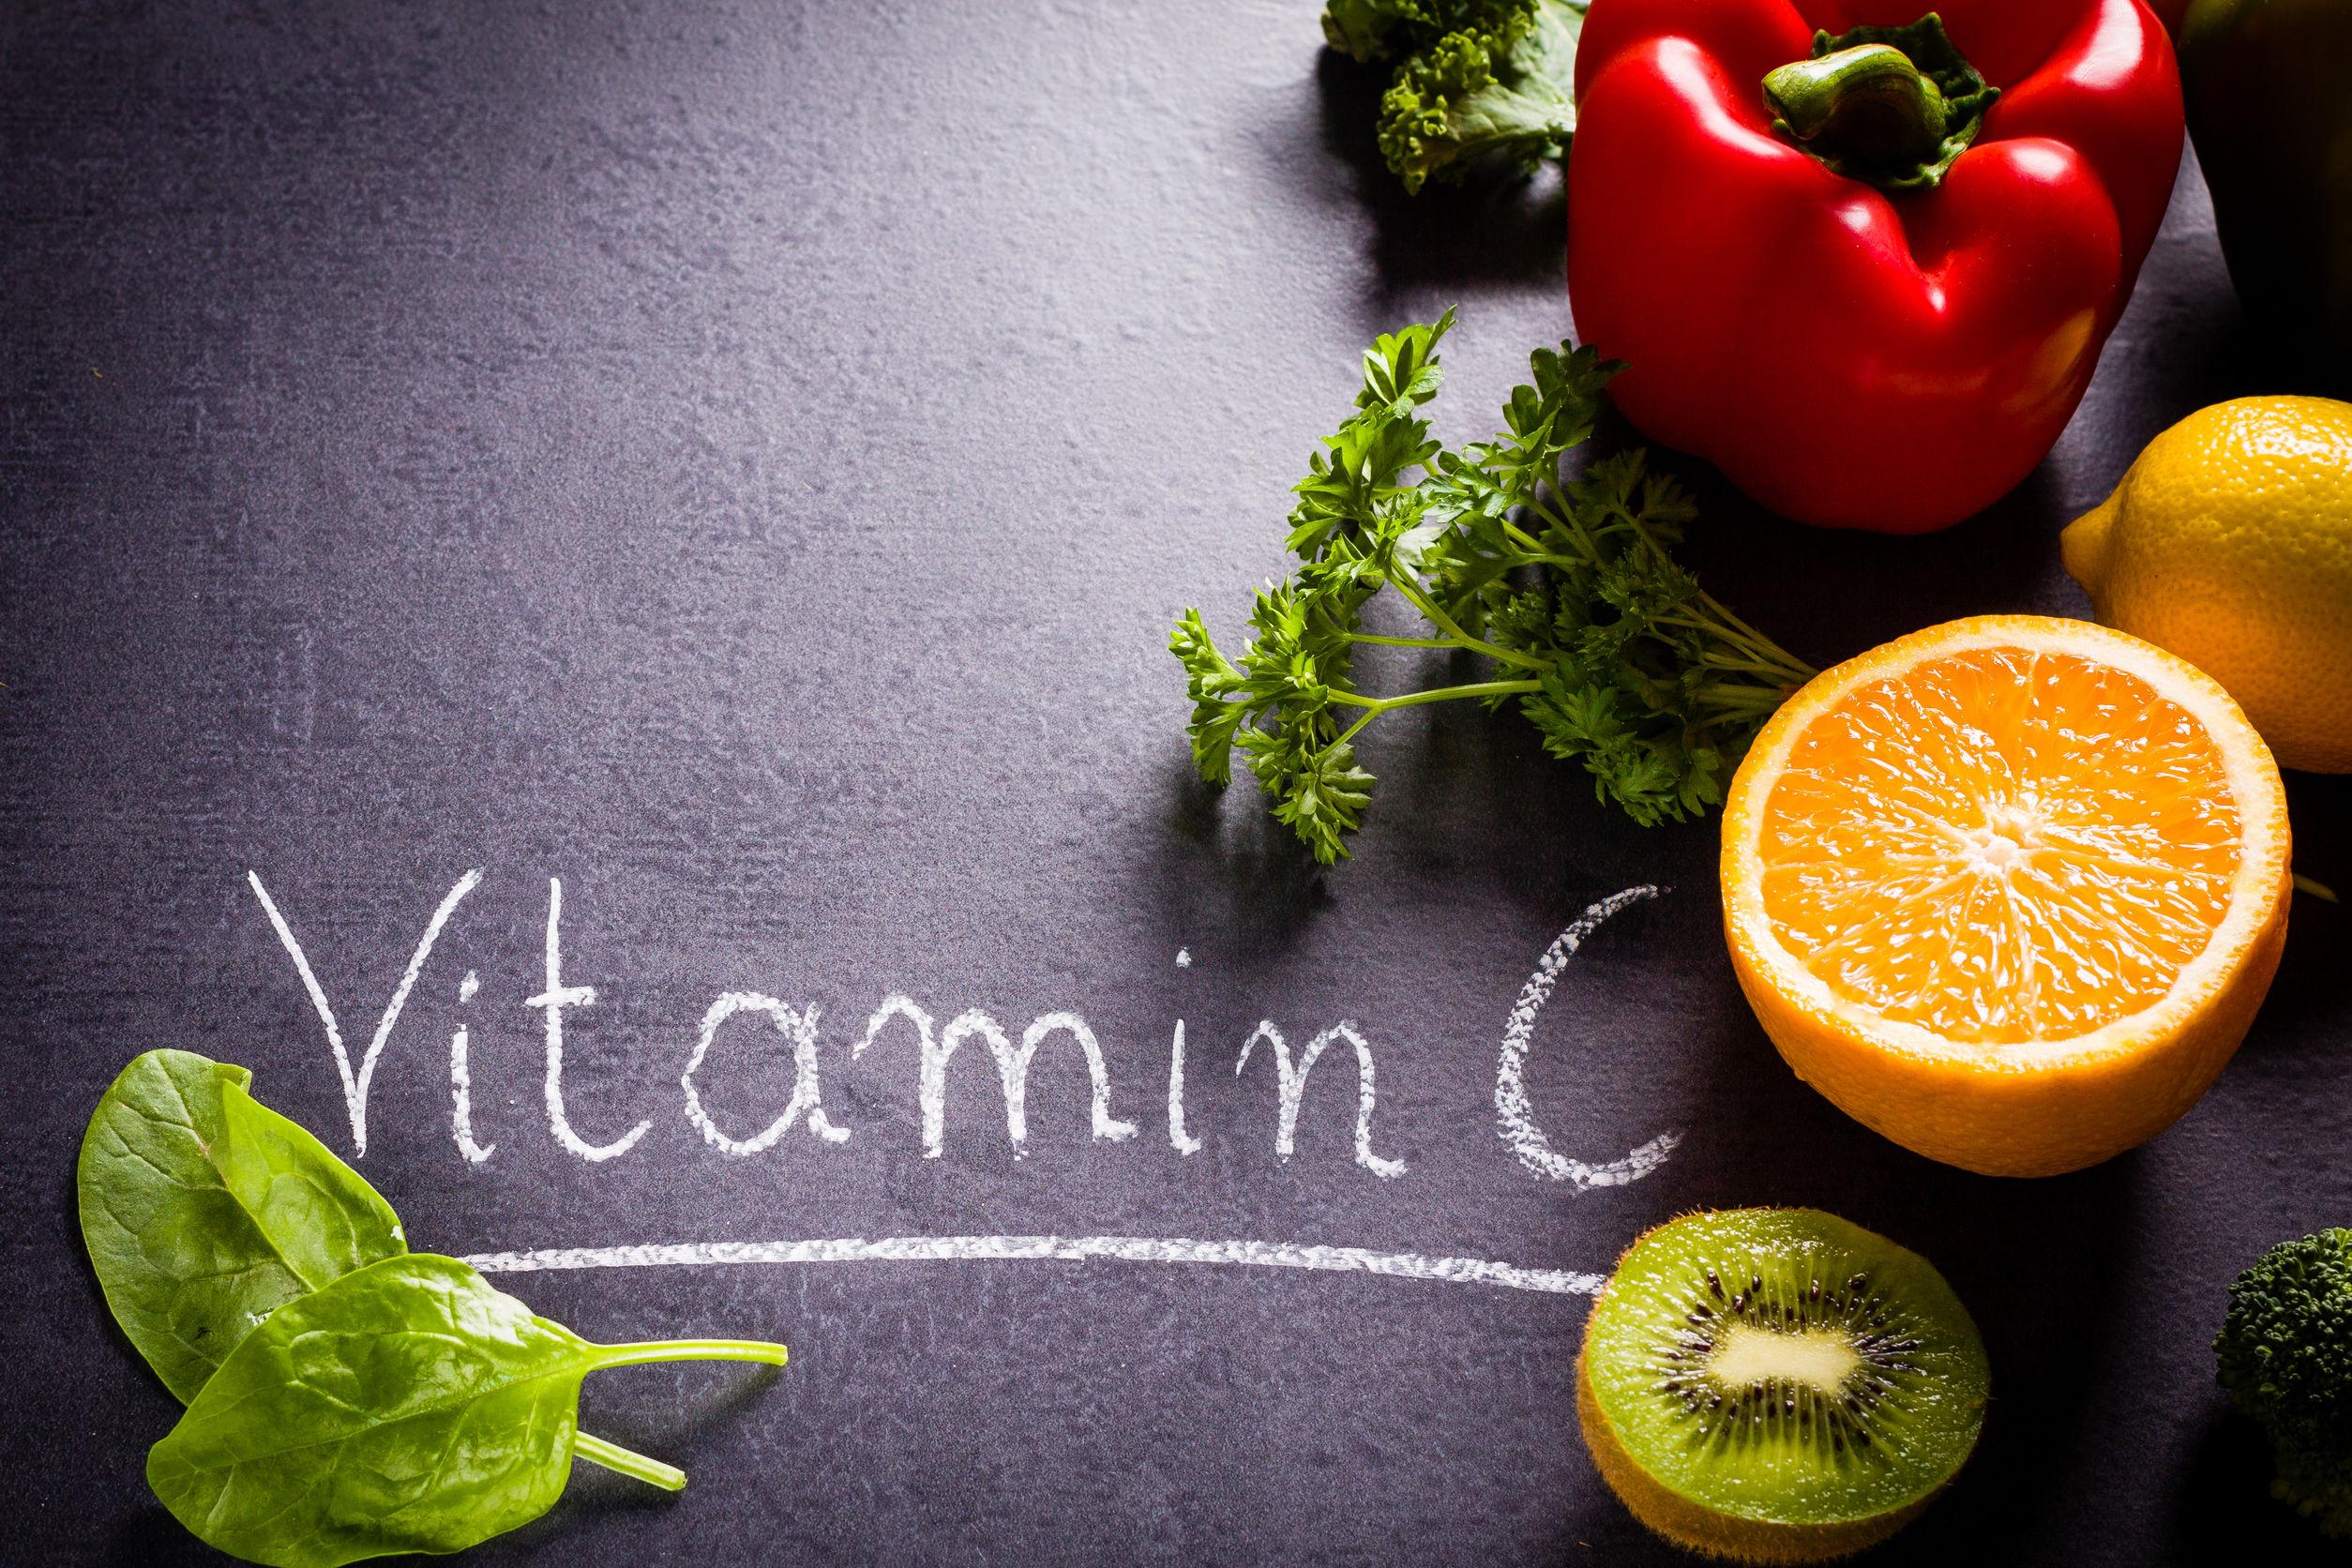 비타민 C, 코로나 예방에 얼마나 중요할까